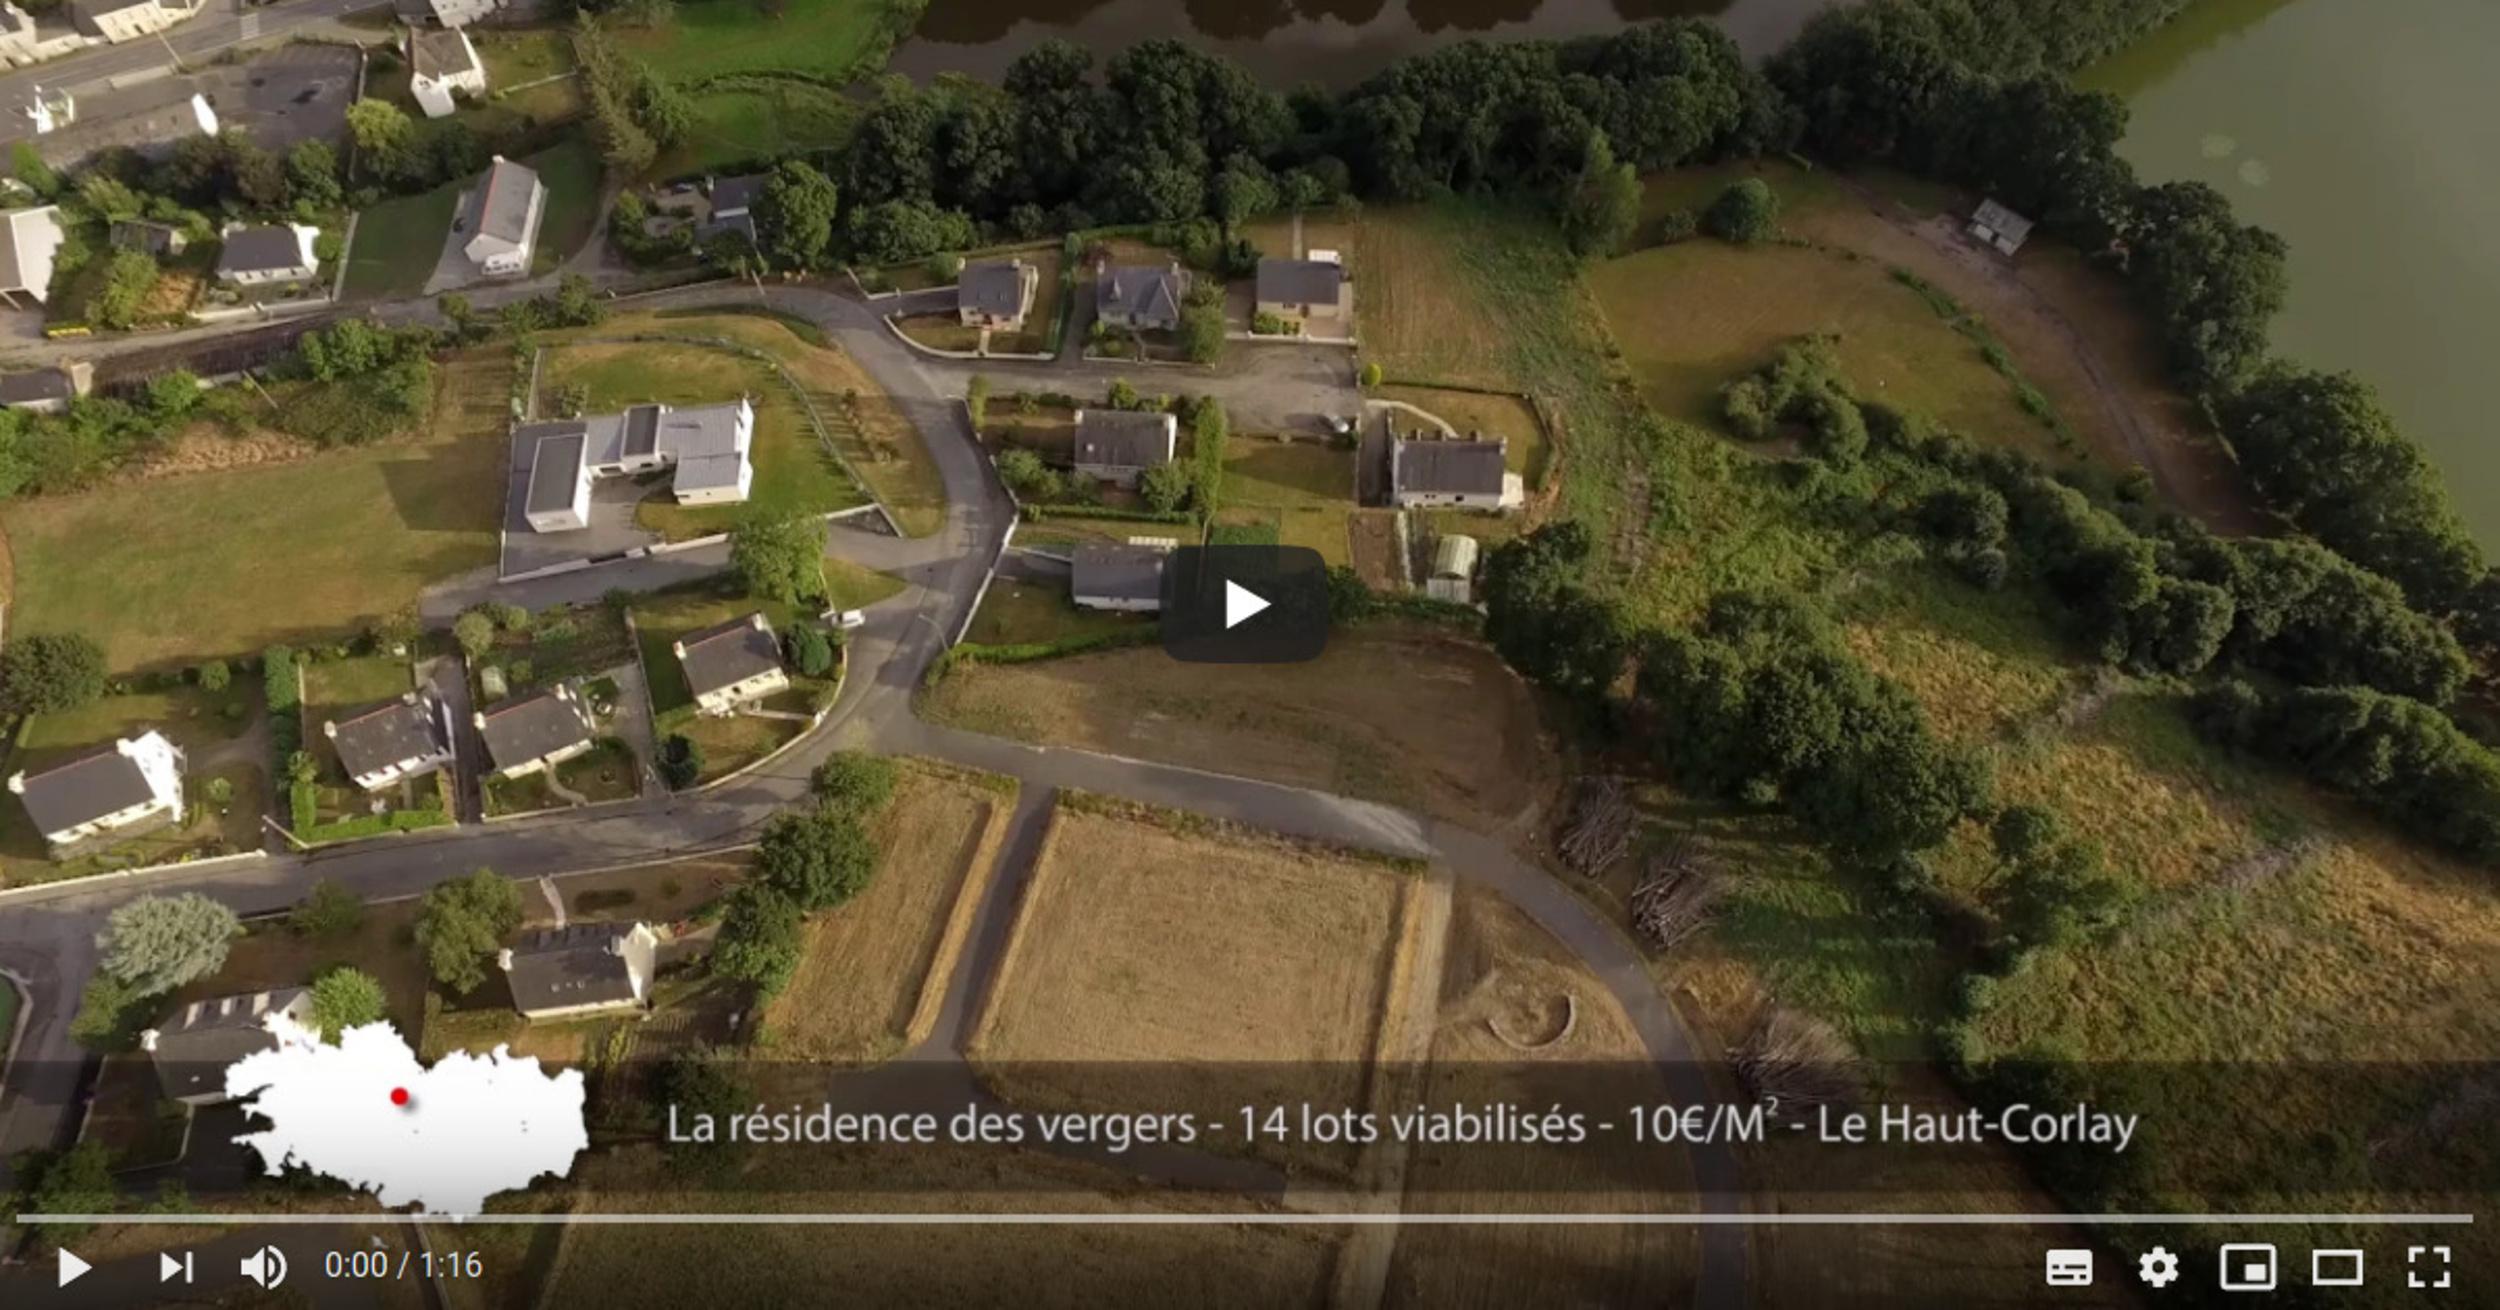 Le Haut-Corlay - terrains à vendre au cœur de la Bretagne